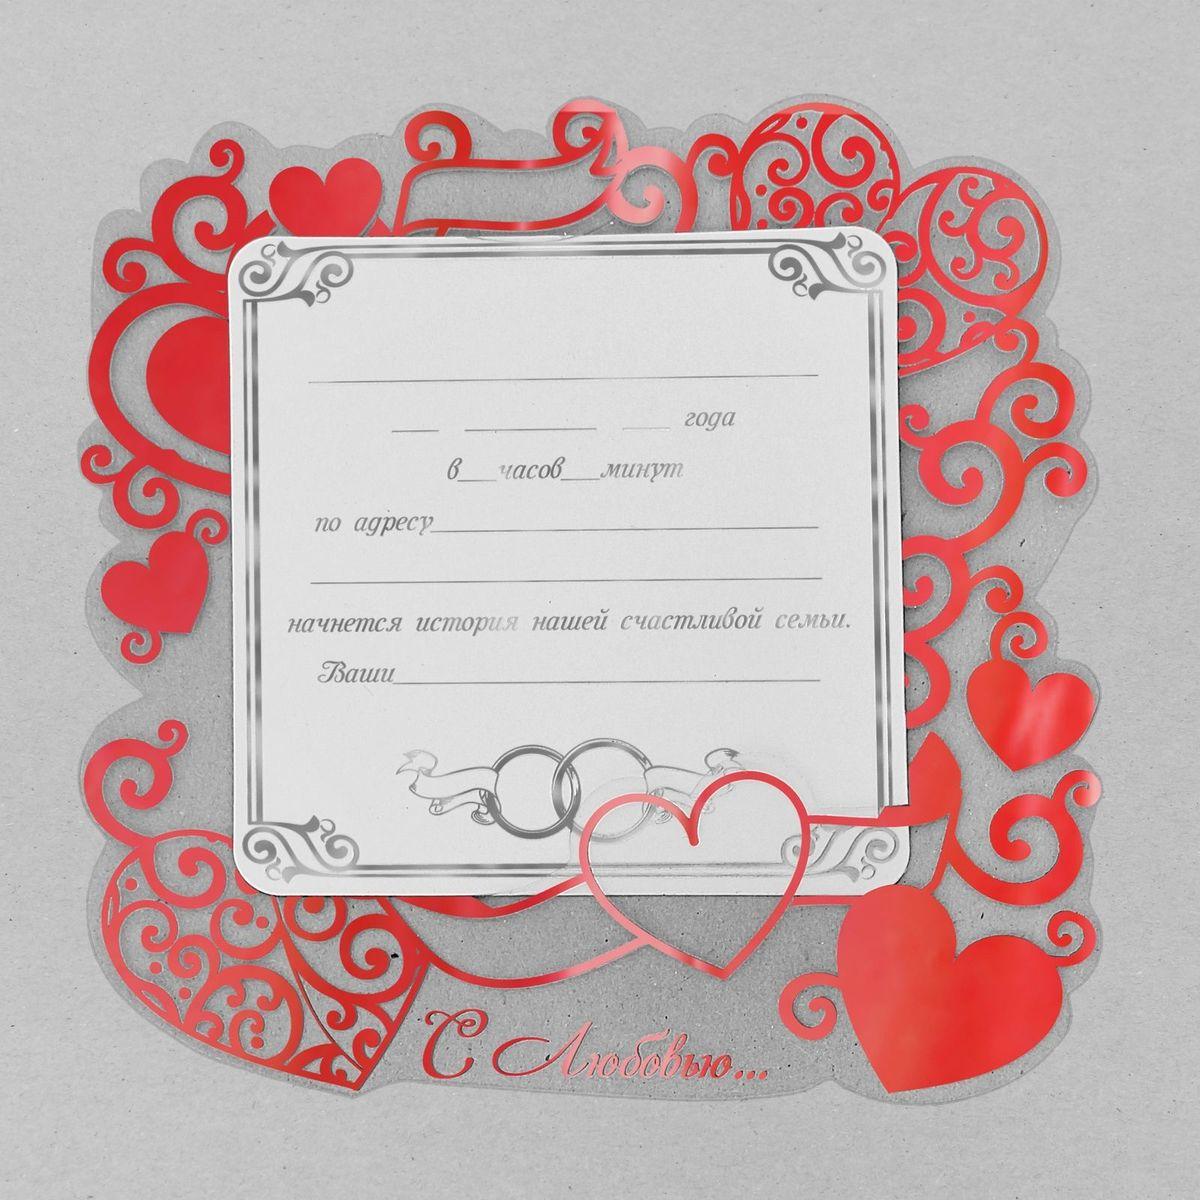 Свадебные приглашения Sima-land С Любовью..., 0,3 x 12,5 x 12,5 см161209Когда дата и время бракосочетания уже известны, и вы определились со списком гостей, необходимо оповестить их о предстоящей свадьбе. Существует традиция делать персональные приглашения с указанием времени и даты мероприятия. Но перед свадьбой столько всего надо успеть и делать десятки открыток самостоятельно просто не остается времени. В этом случае вам придет на помощь уникальное, разработанное дизайнерами свадебное приглашение С Любовью....Пригласительный набор включает в себя:- оригинальную открытку в дизайнерской рамке из прозрачного пластика, нежный рисунок которой будет достойным началом вашего тожества,- белоснежный конверт, который можно оформить интересными надписями и декоративными элементами.Текст приглашения напечатан металлизированной краской, которая гармонирует с оригинальным орнаментом на рамке приглашения. Дизайнеры продумали за вас все детали, все, что вам необходимо сделать, – заполнить необходимые строки и раздать гостям.Устройте себе незабываемую свадьбу!